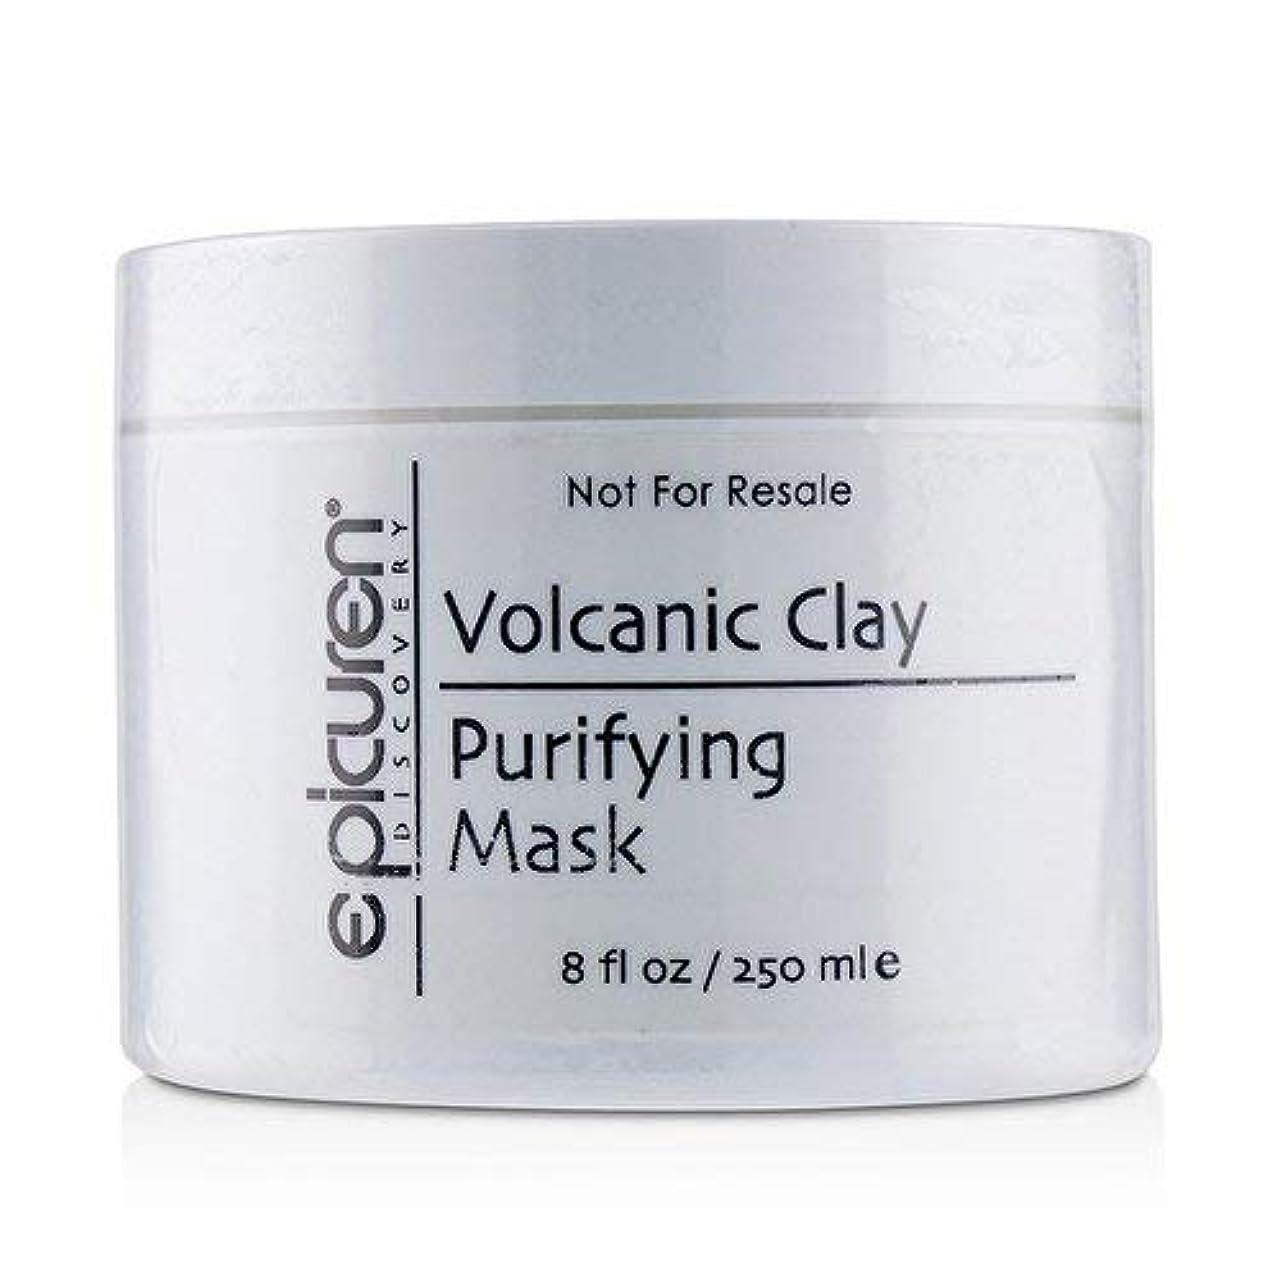 現在月曜日アメリカEpicuren Volcanic Clay Purifying Mask - For Normal, Oily & Congested Skin Types 250ml/8oz並行輸入品